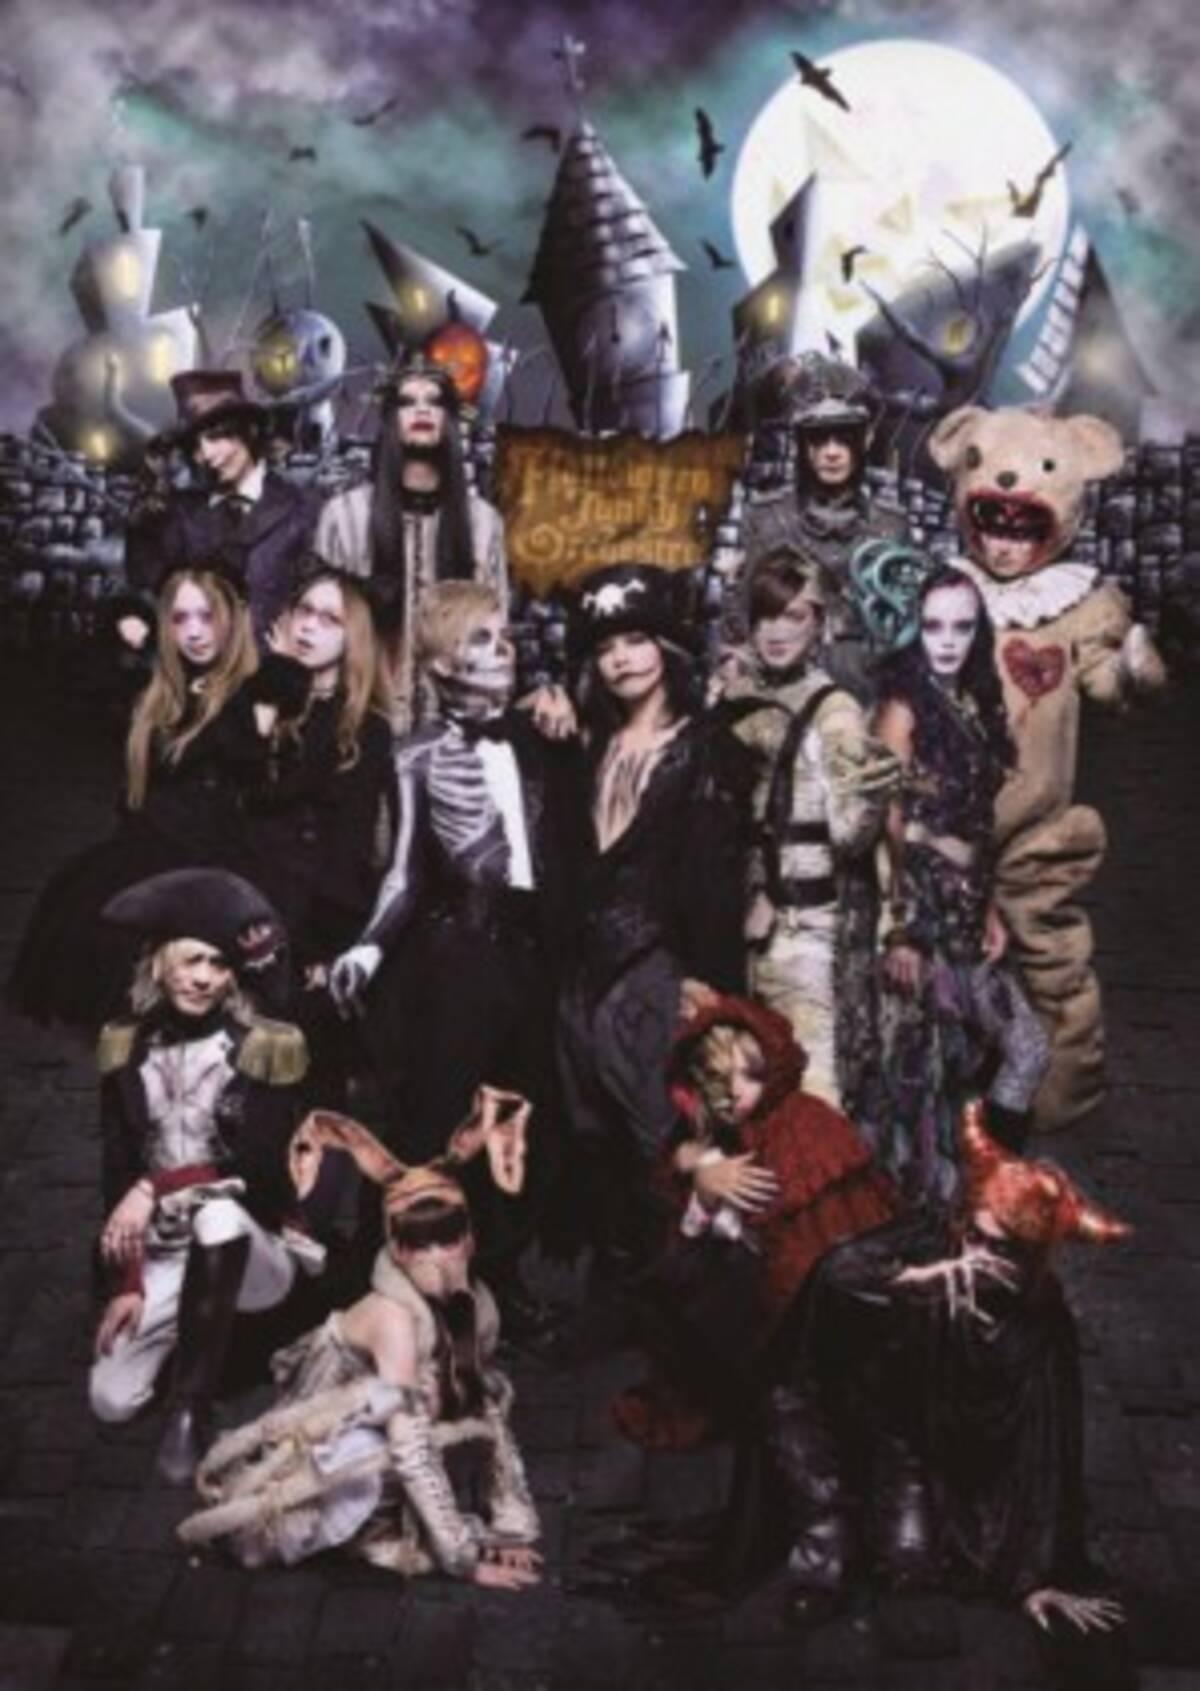 すごすぎる Hyde限定バンドに土屋アンナ Tommyらが参加 2012年10月5